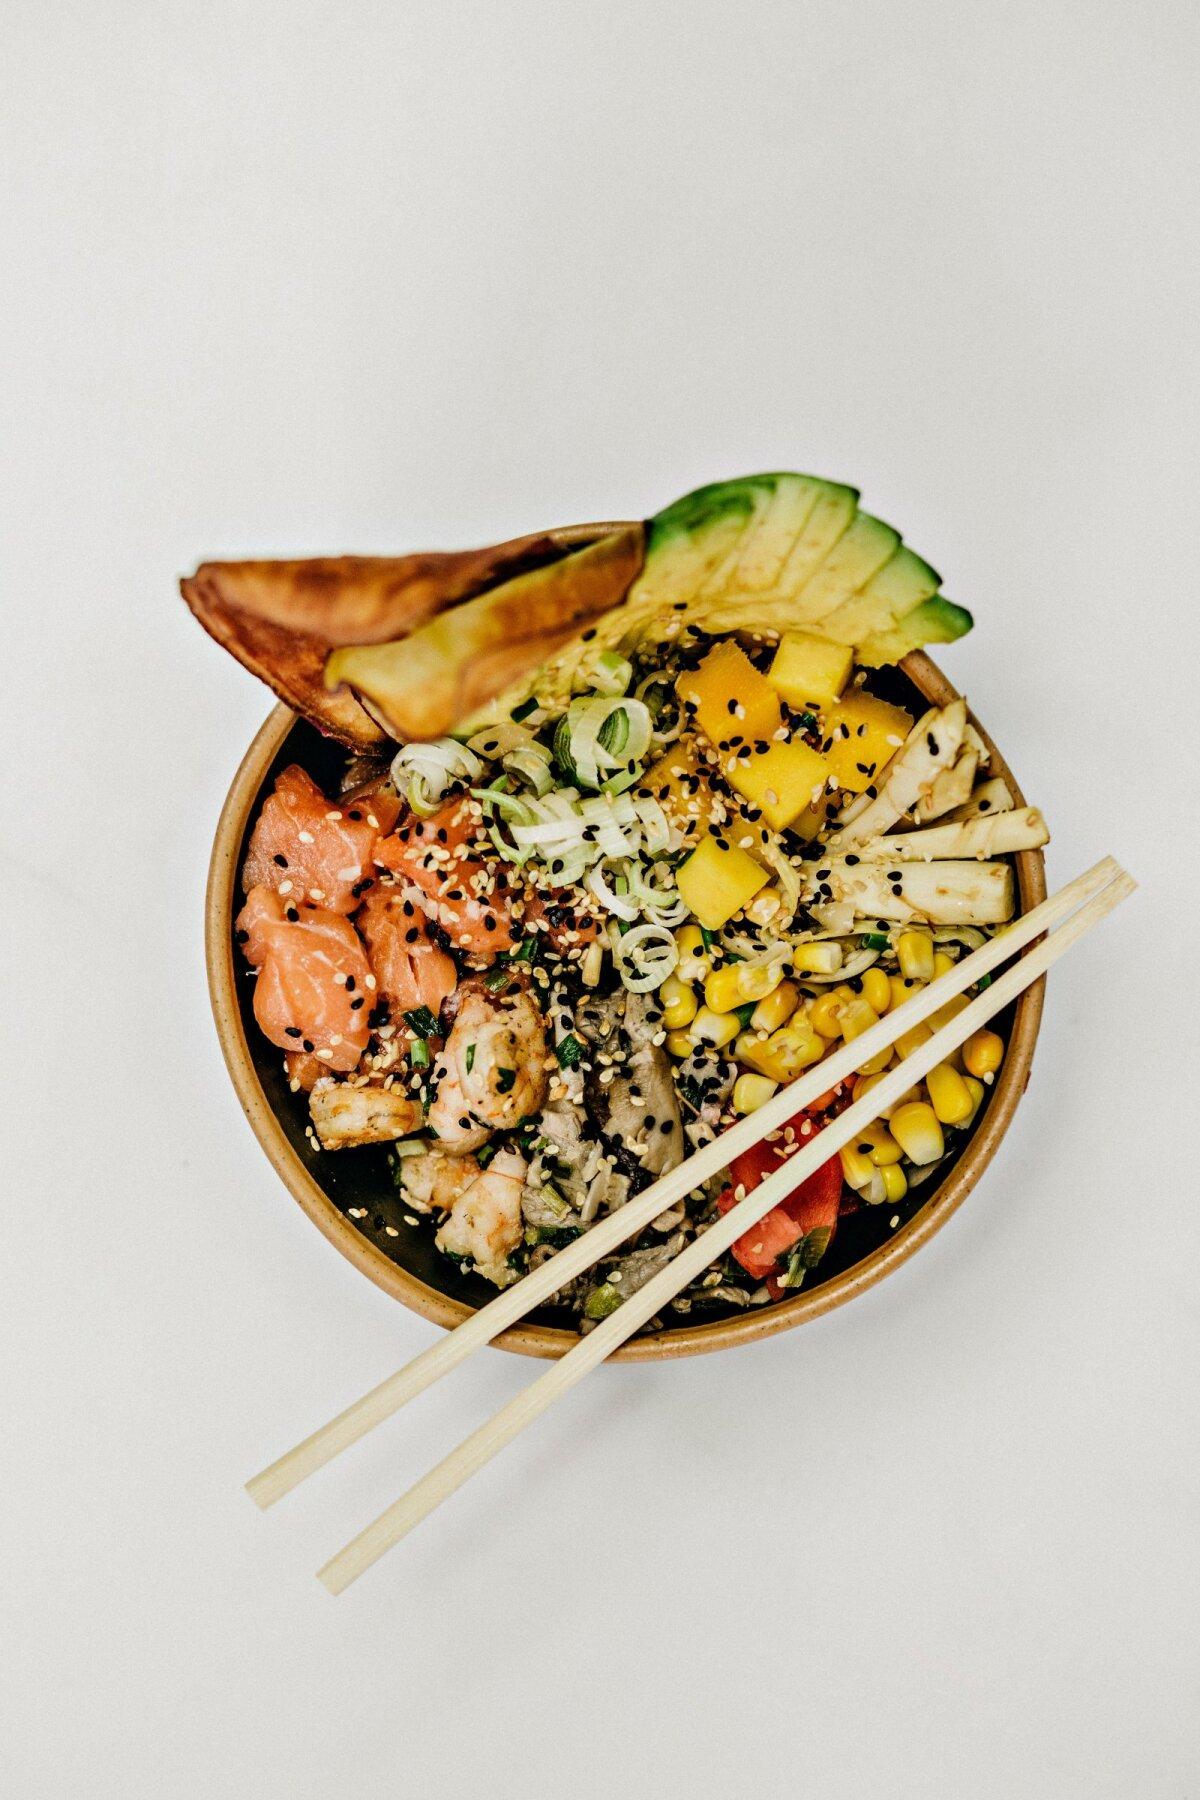 Poke tähendab havai keeles hakkima või viilutama. Toiduna tähendab poke aga hakitud või viilutatud toore kala salatit kohalike lisanditega.